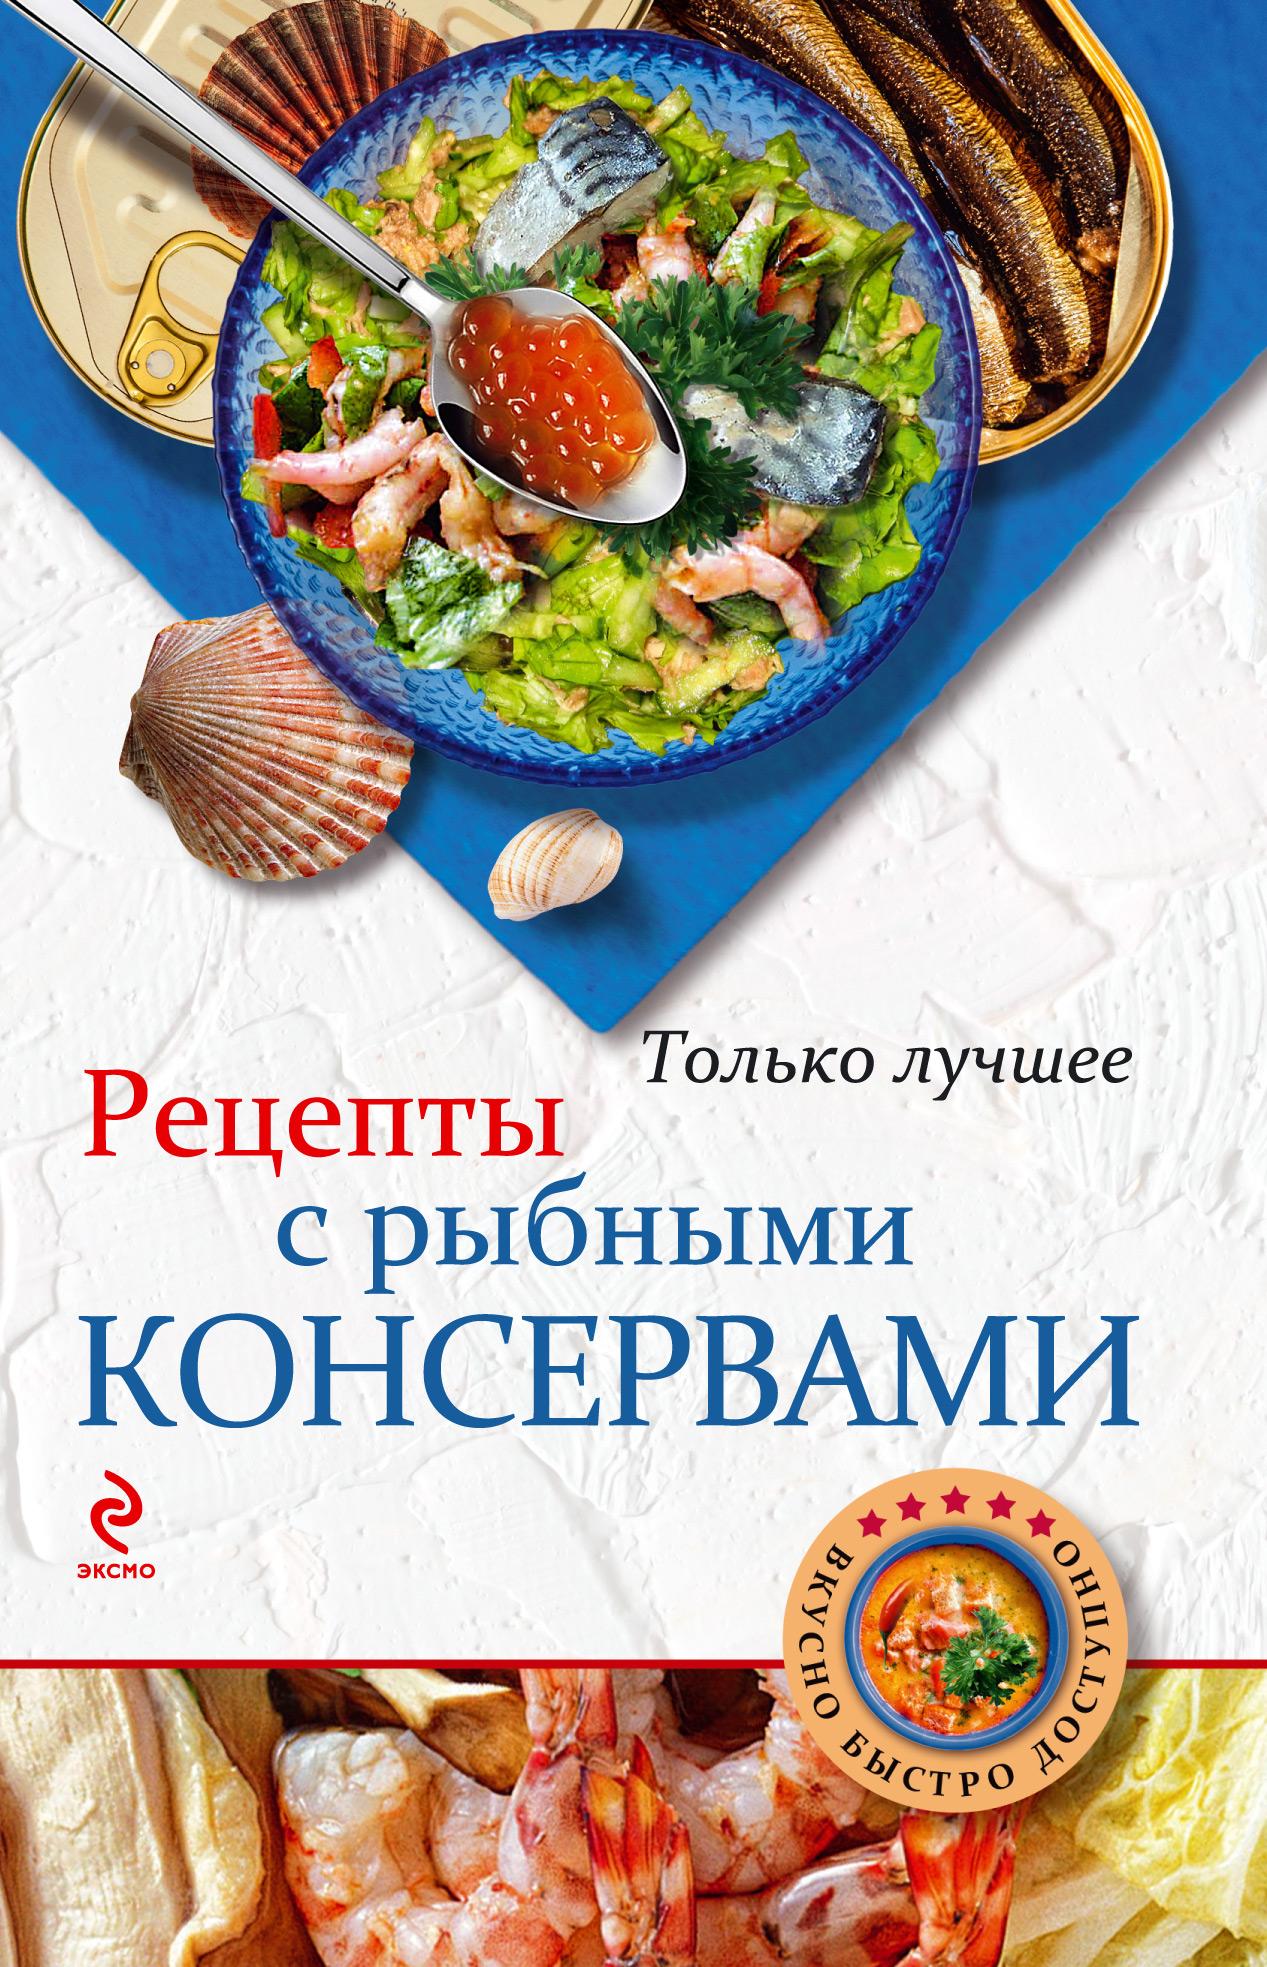 Отсутствует Рецепты с рыбными консервами